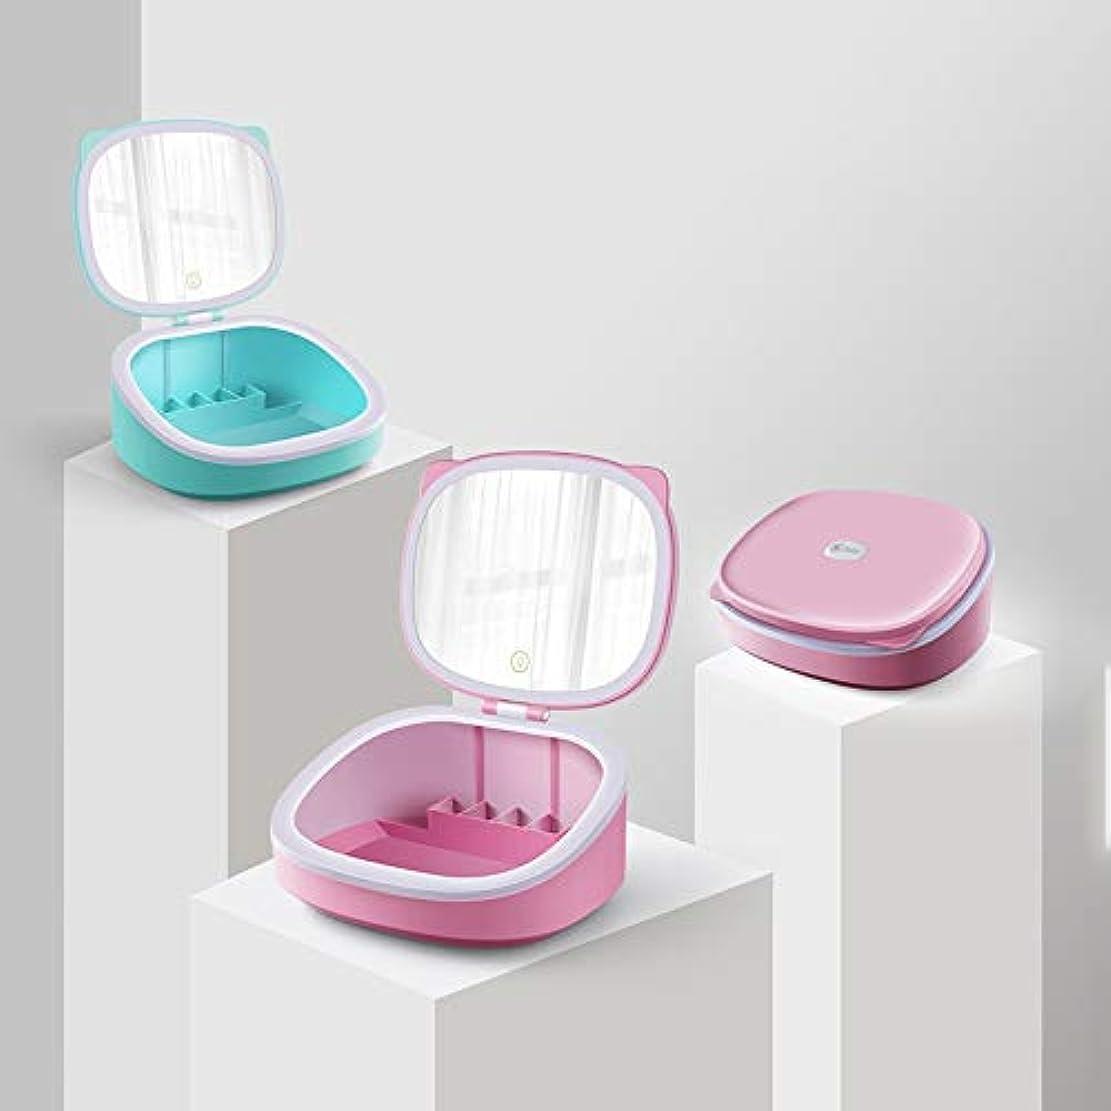 方法論悪化させる多様性流行の LEDライト化粧鏡収納猫美容鏡卓上鏡多機能光ABSピンクブルーを調整することができます (色 : Pink)